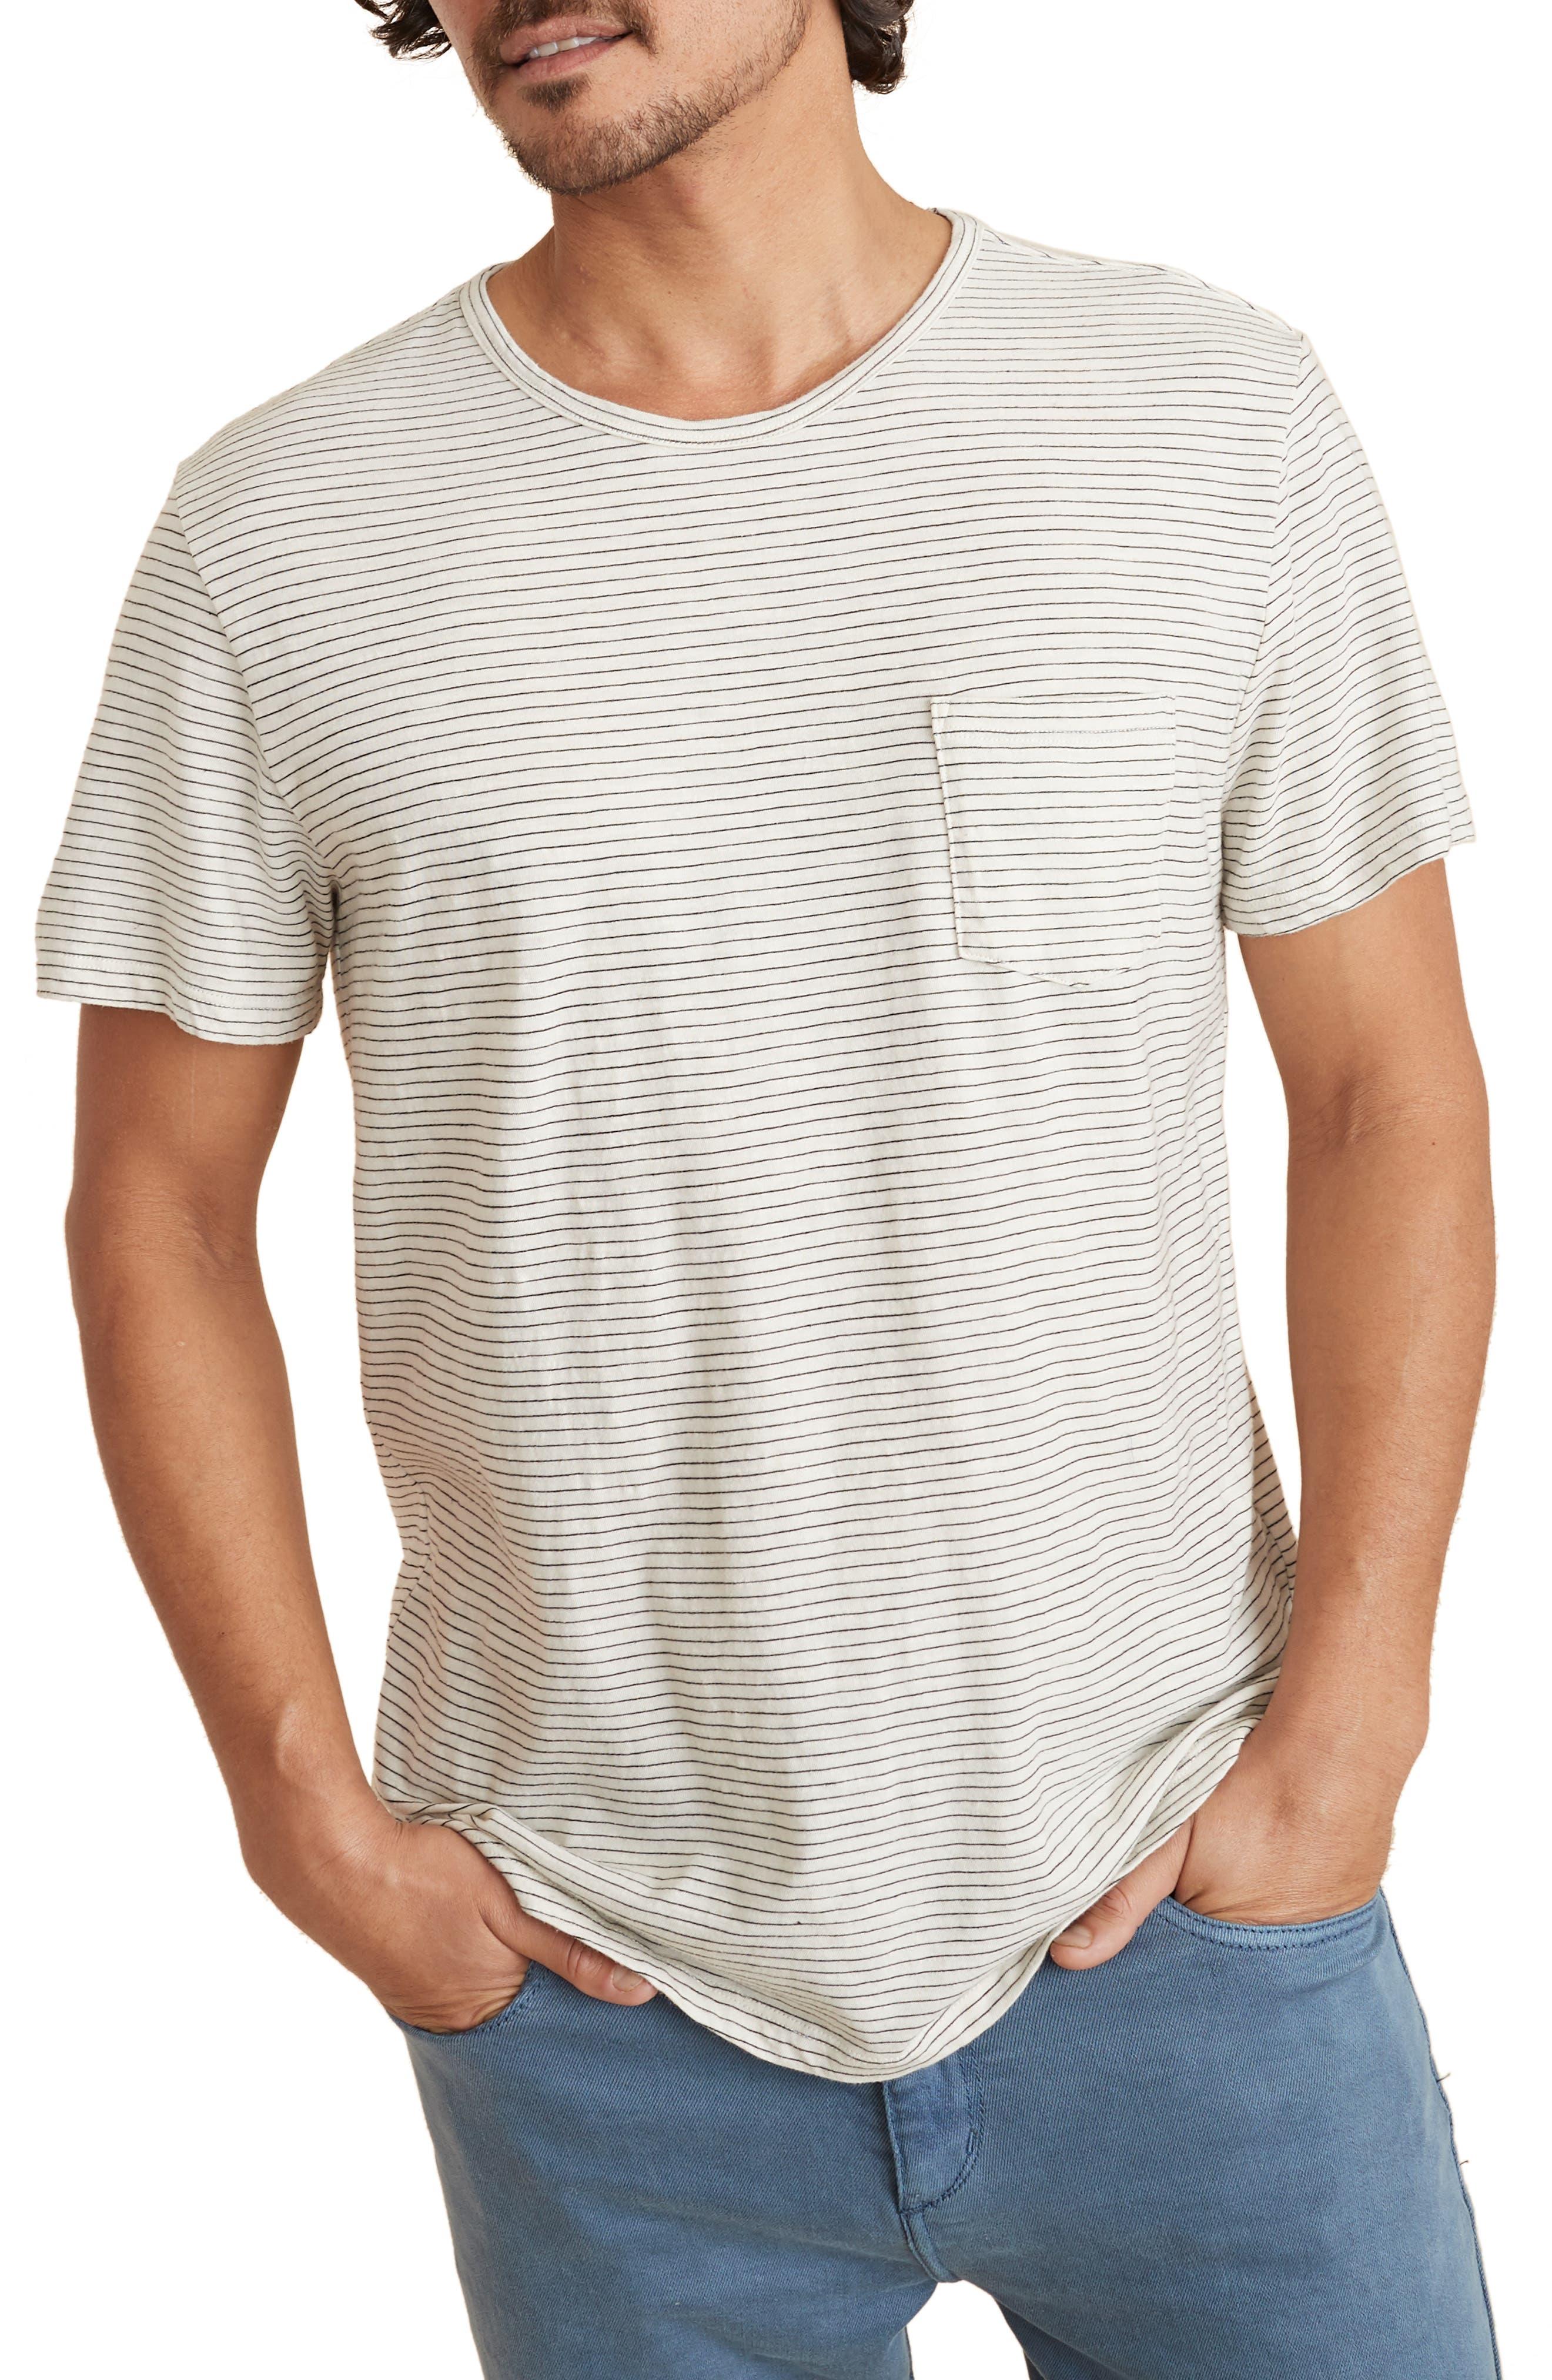 Stripe Slub Pocket T-Shirt